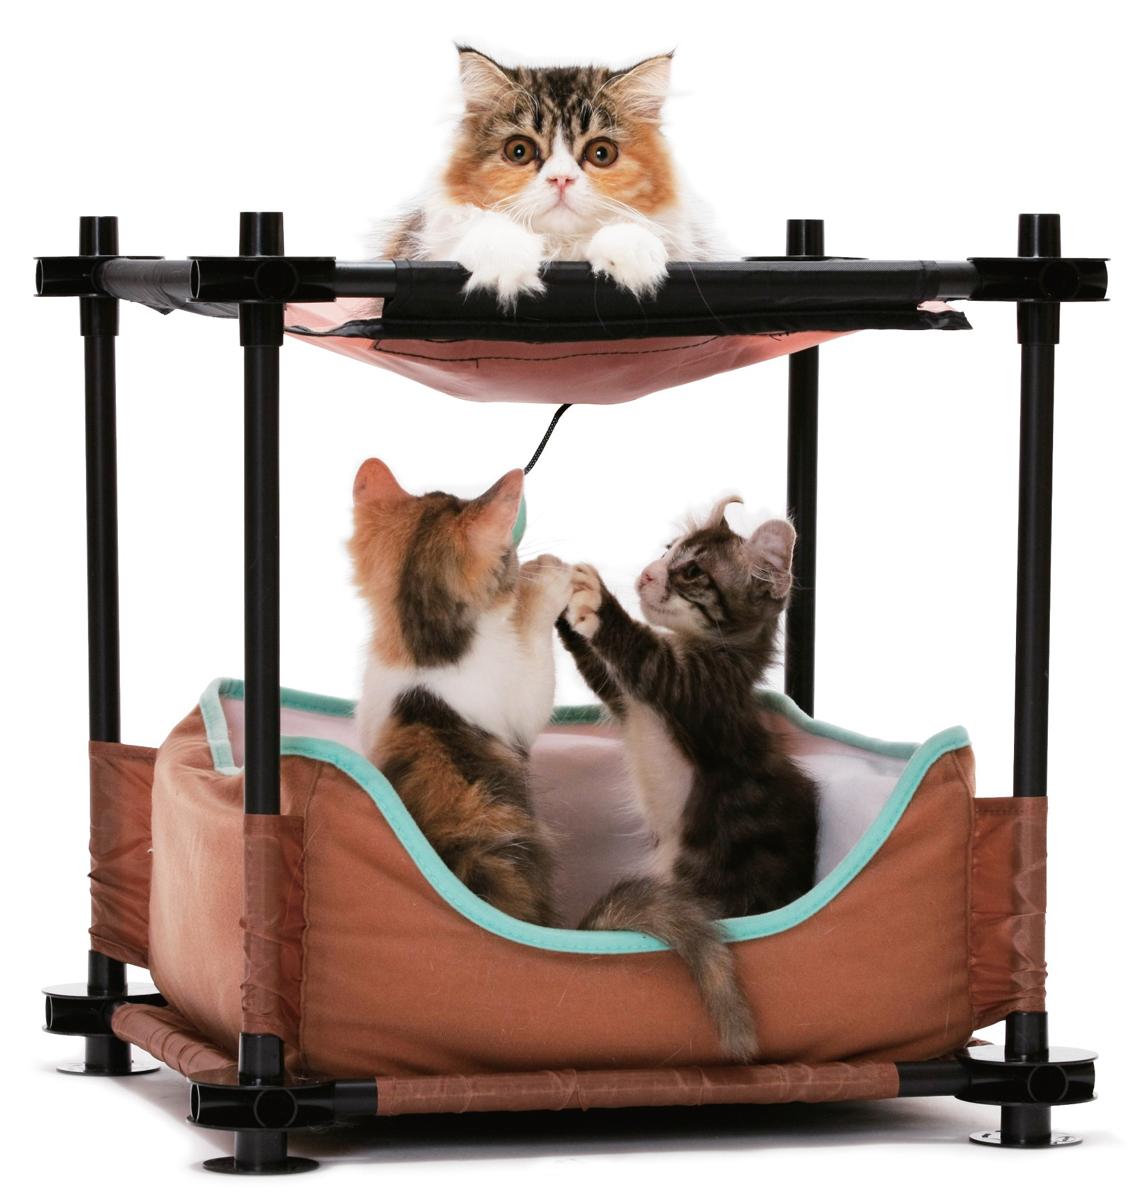 Лежак для кошек Kitty City Барские покои, 44 х 45 х 45 см0120710Лежак Kitty City Барские покои поразит вас своим непревзойденным удобством. И будьте уверены, кошка тоже оценит уникальные преимущества нового спального места. Лежак сочетает в себе функции прекрасной кровати и игрового комплекса. Он великолепно подходит для активных и озорных животных, которые даже перед сном предпочитают поиграть с подвесной игрушкой и плавно из состояния игры перейти в глубокий сладкий сон. Лежак изготовлен из высокопрочных, устойчивых к повреждениям материалов. Каркас из пластиковых трубок удобно собирается и разбирается, облегчая транспортировку и хранение. Спальное место изготовлено из мягкого флиса. Игрушка выполнена в виде полумесяца. Лежак прекрасно подойдет для использования как индивидуально, так и в совокупности с игровыми комплексами Kitty City.